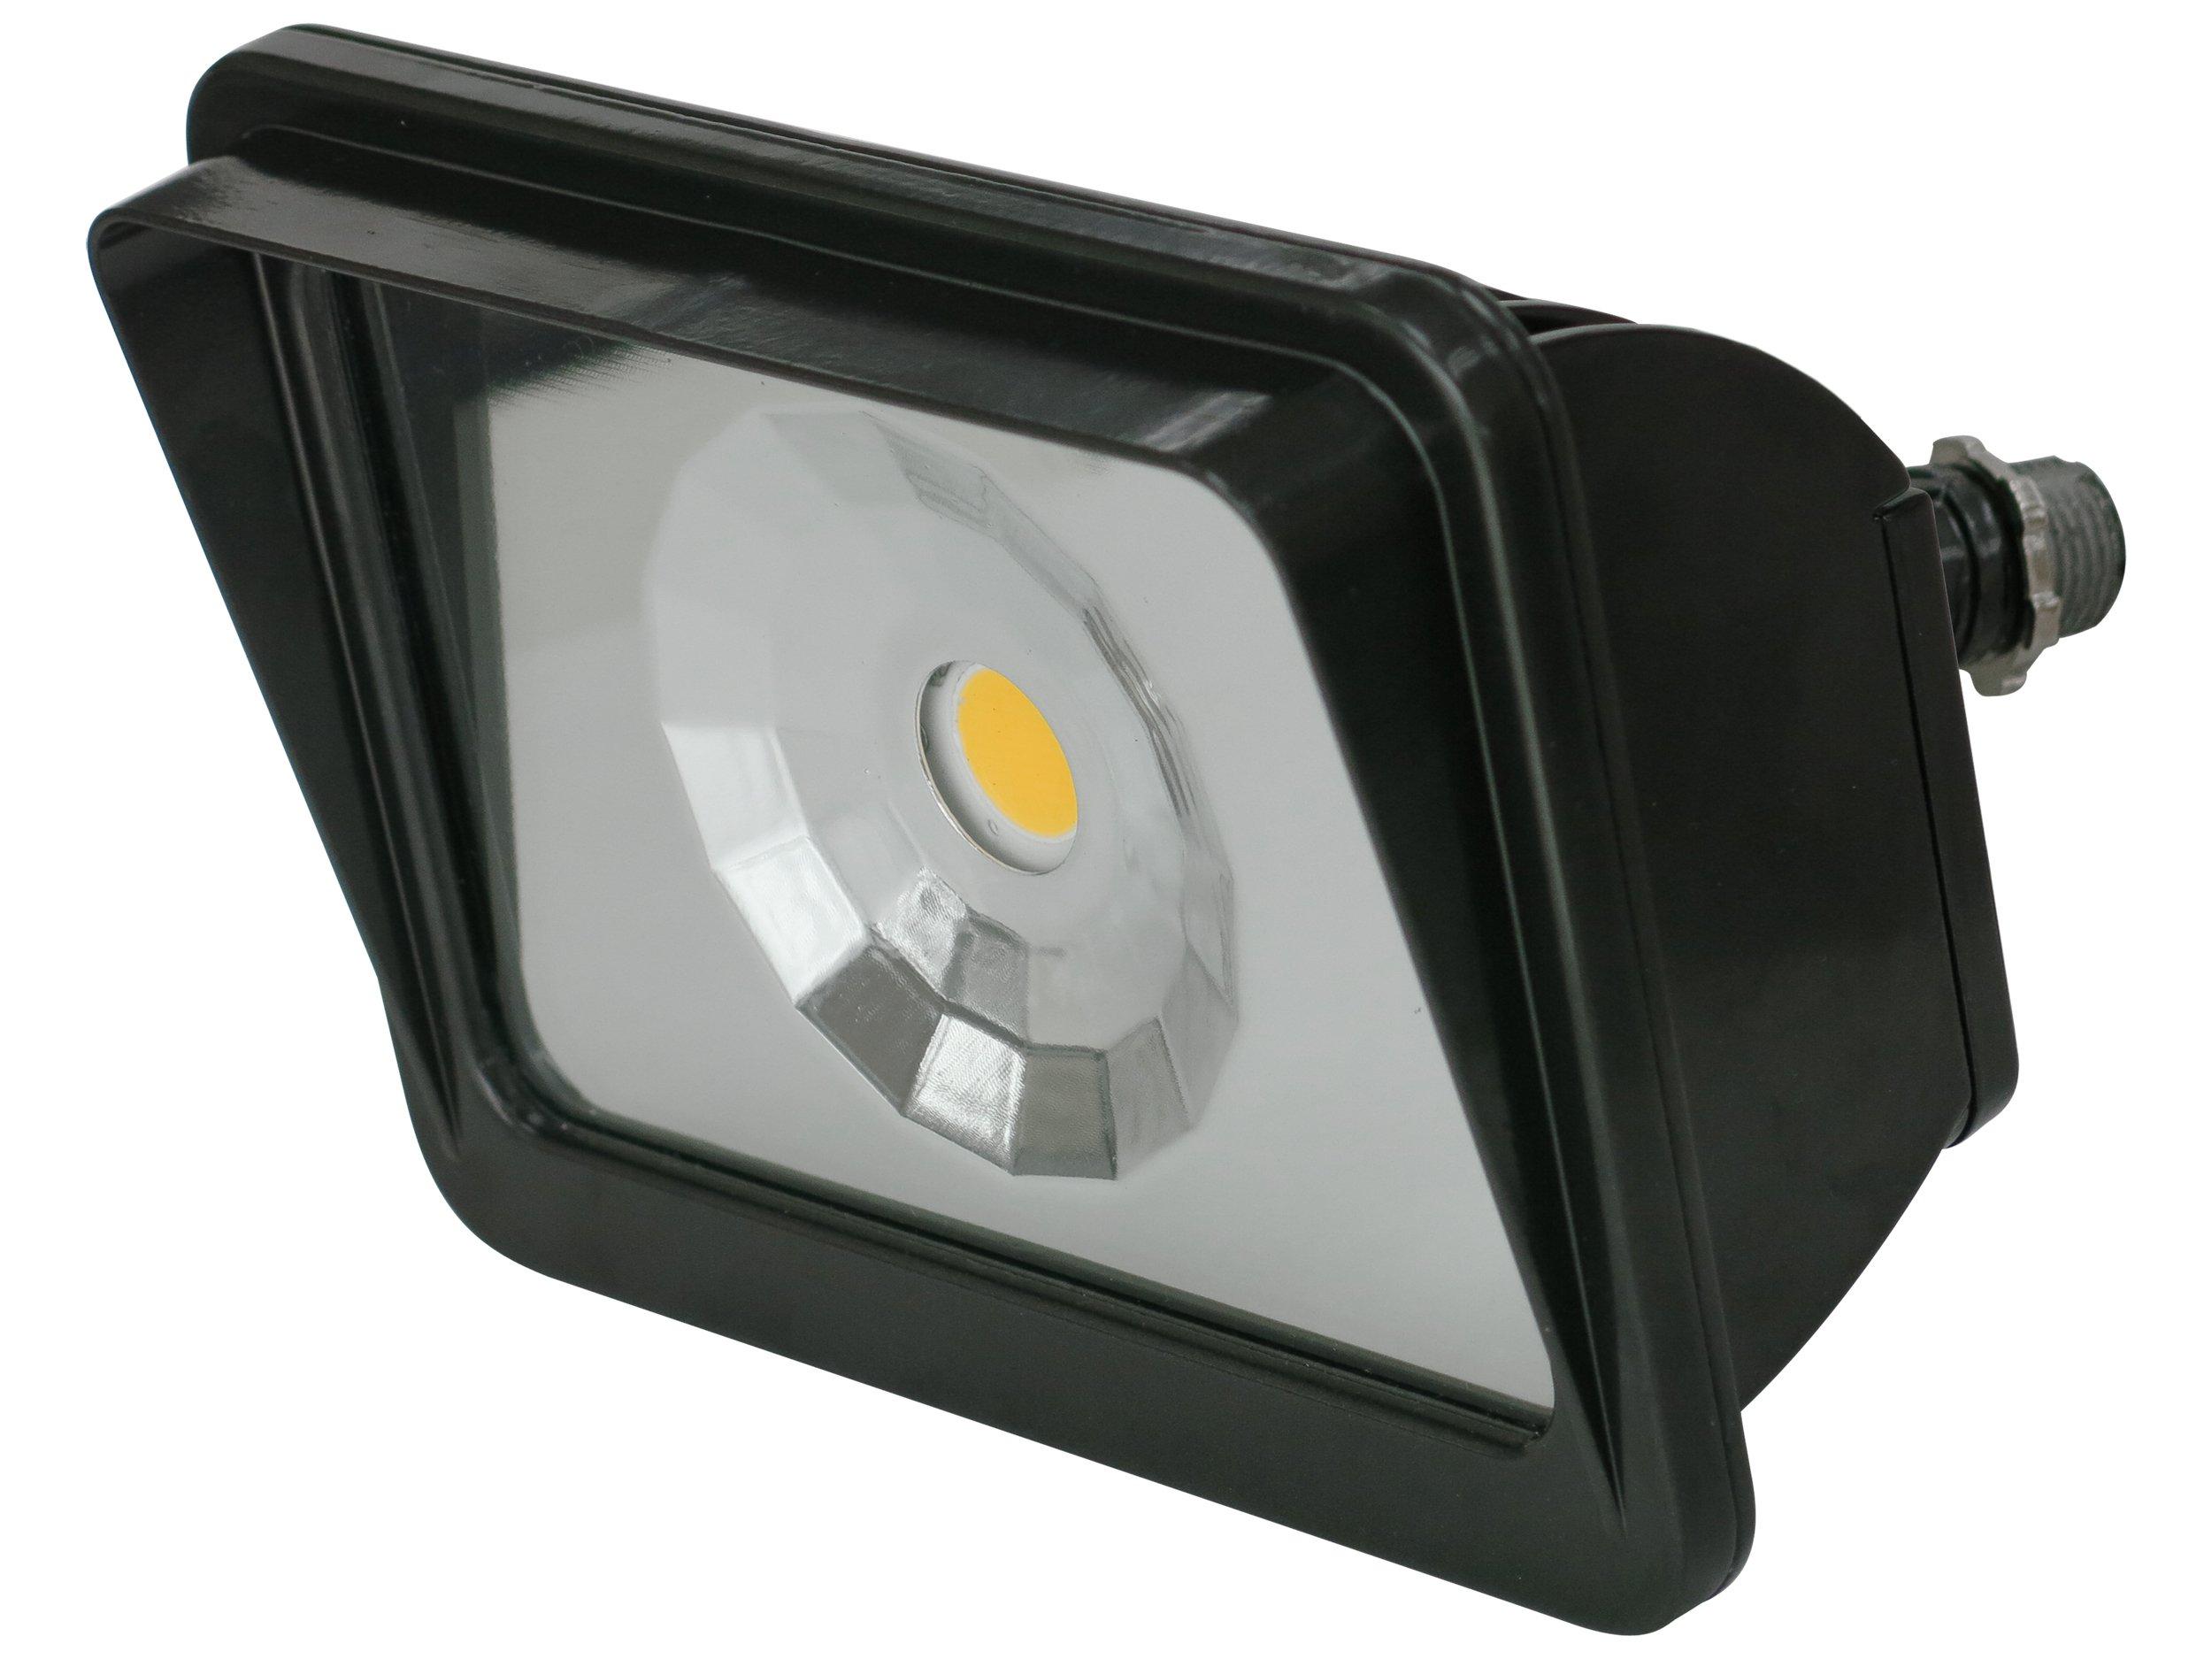 Howard Lighting FLL30 27W LED Flood Light, Dark Bronze